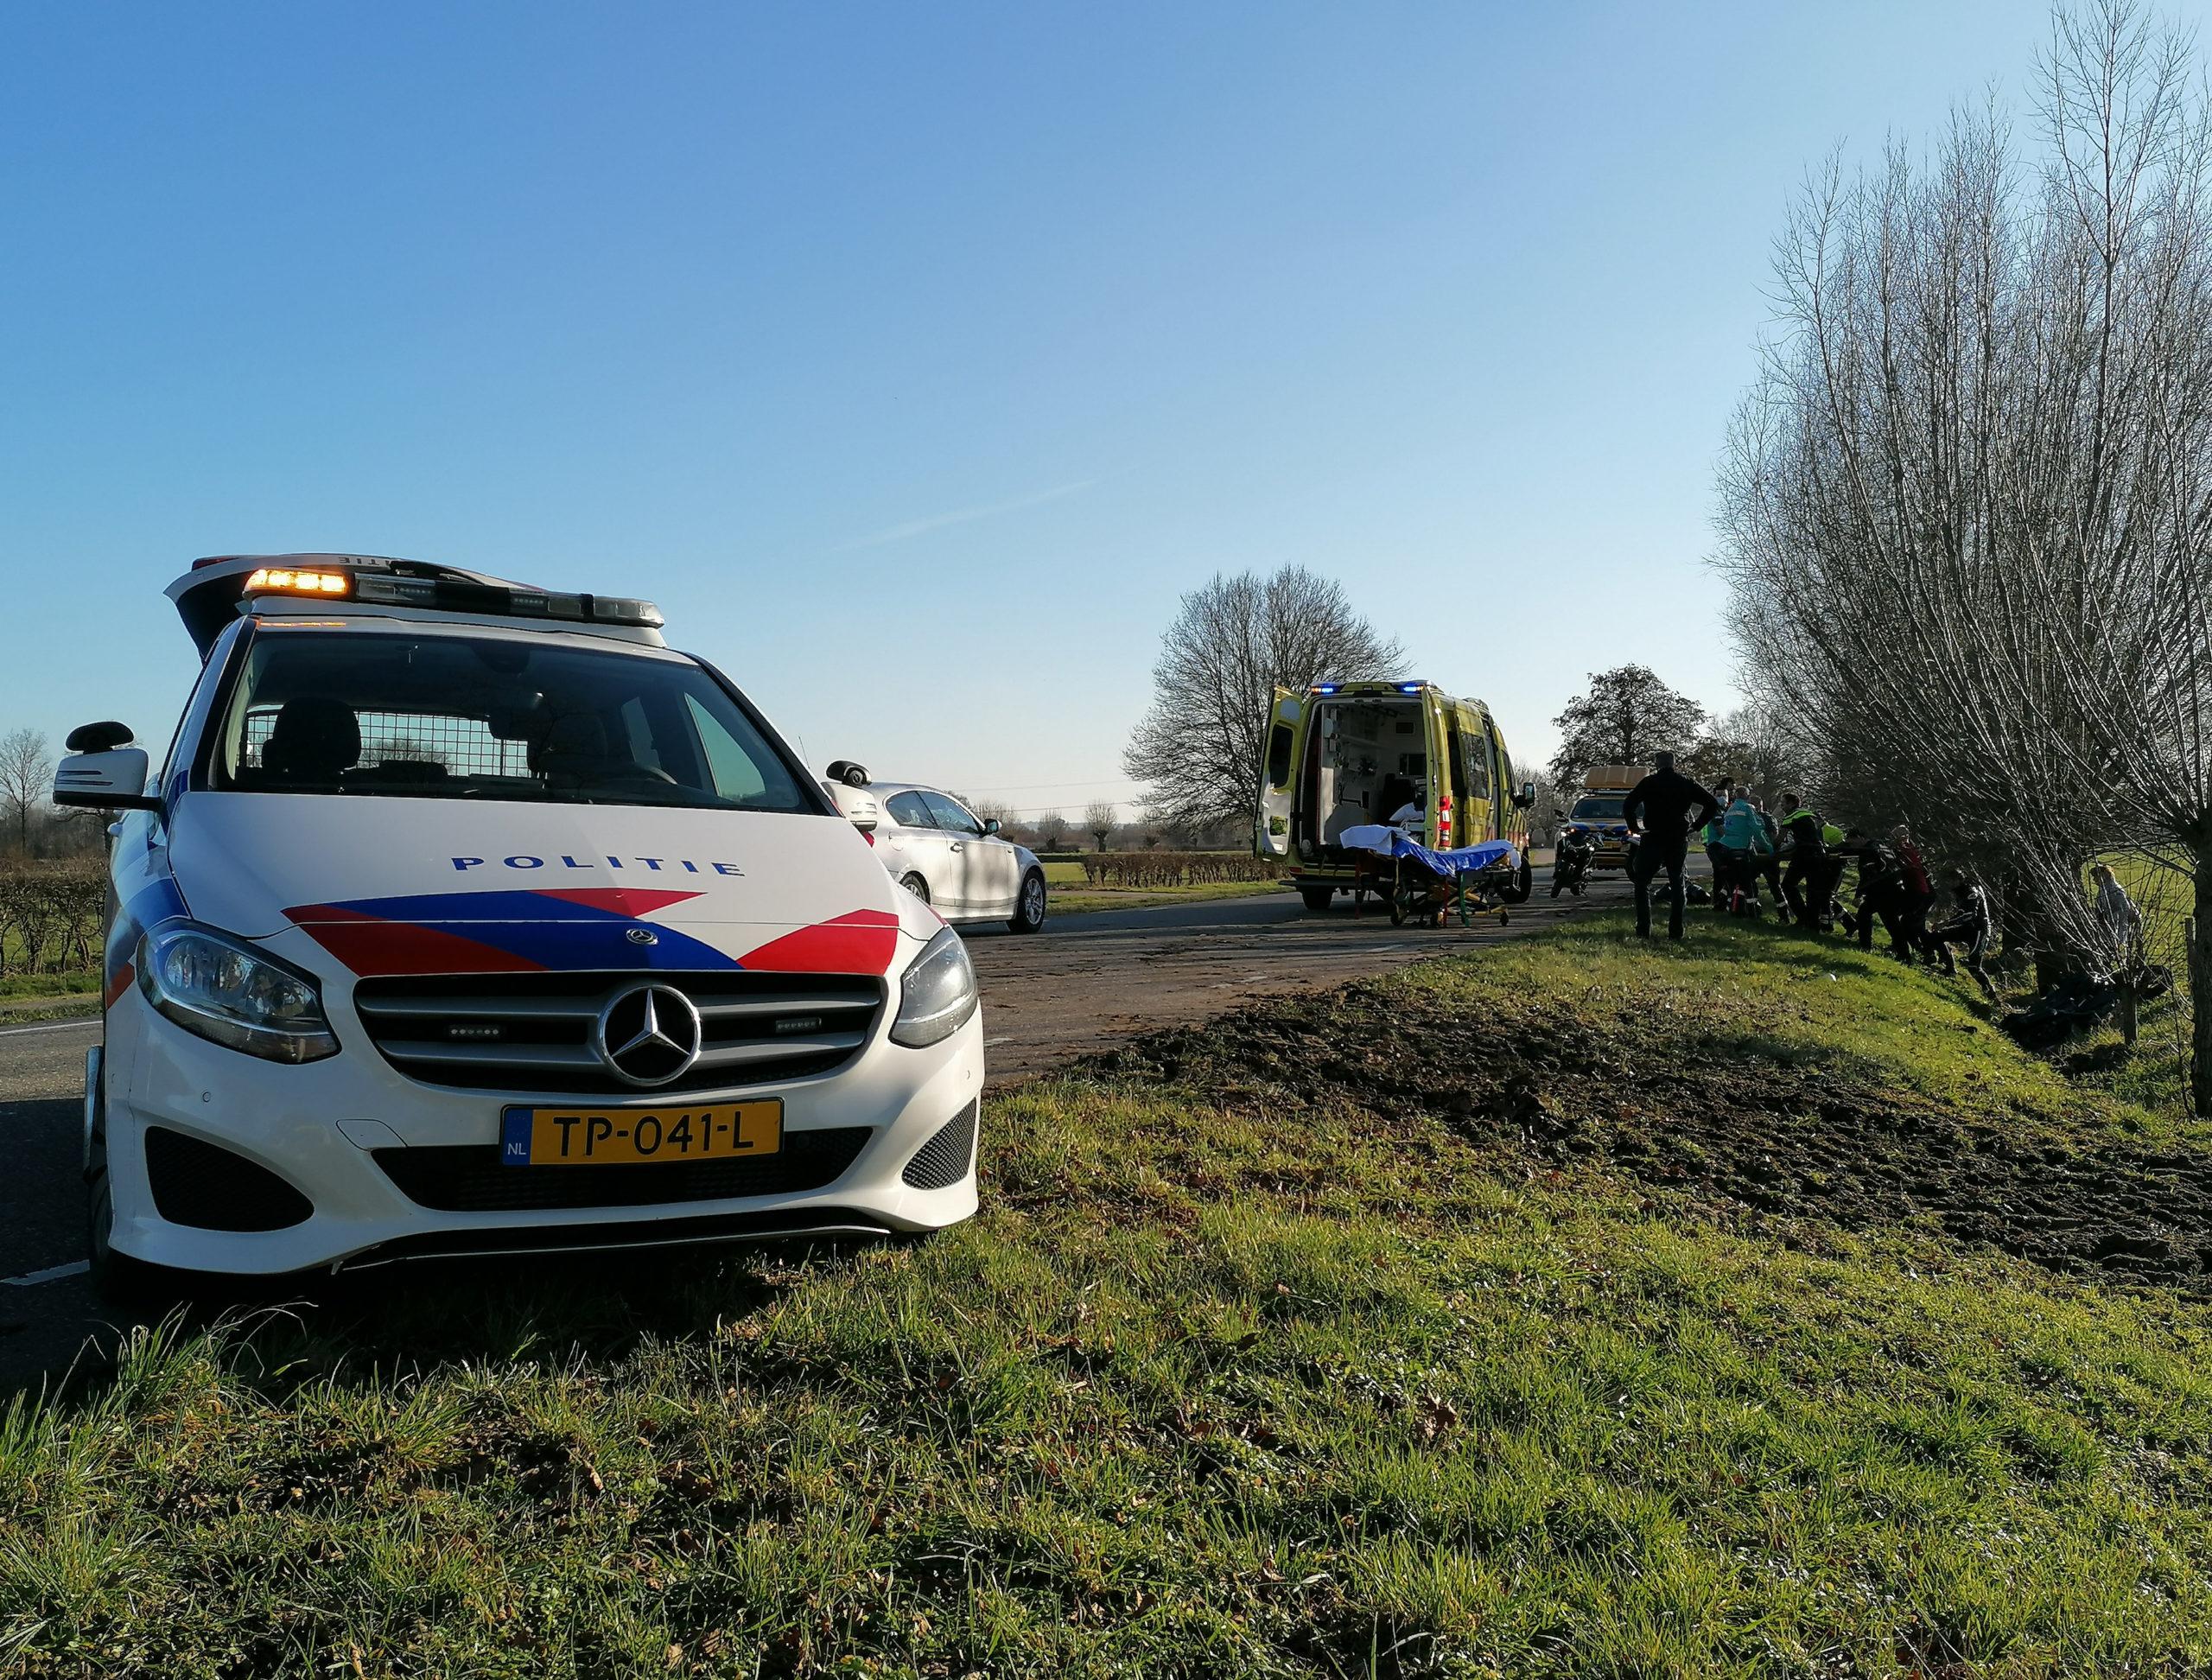 Motorrijdster raakt tijdens toertocht van de weg, gewond naar het ziekenhuis